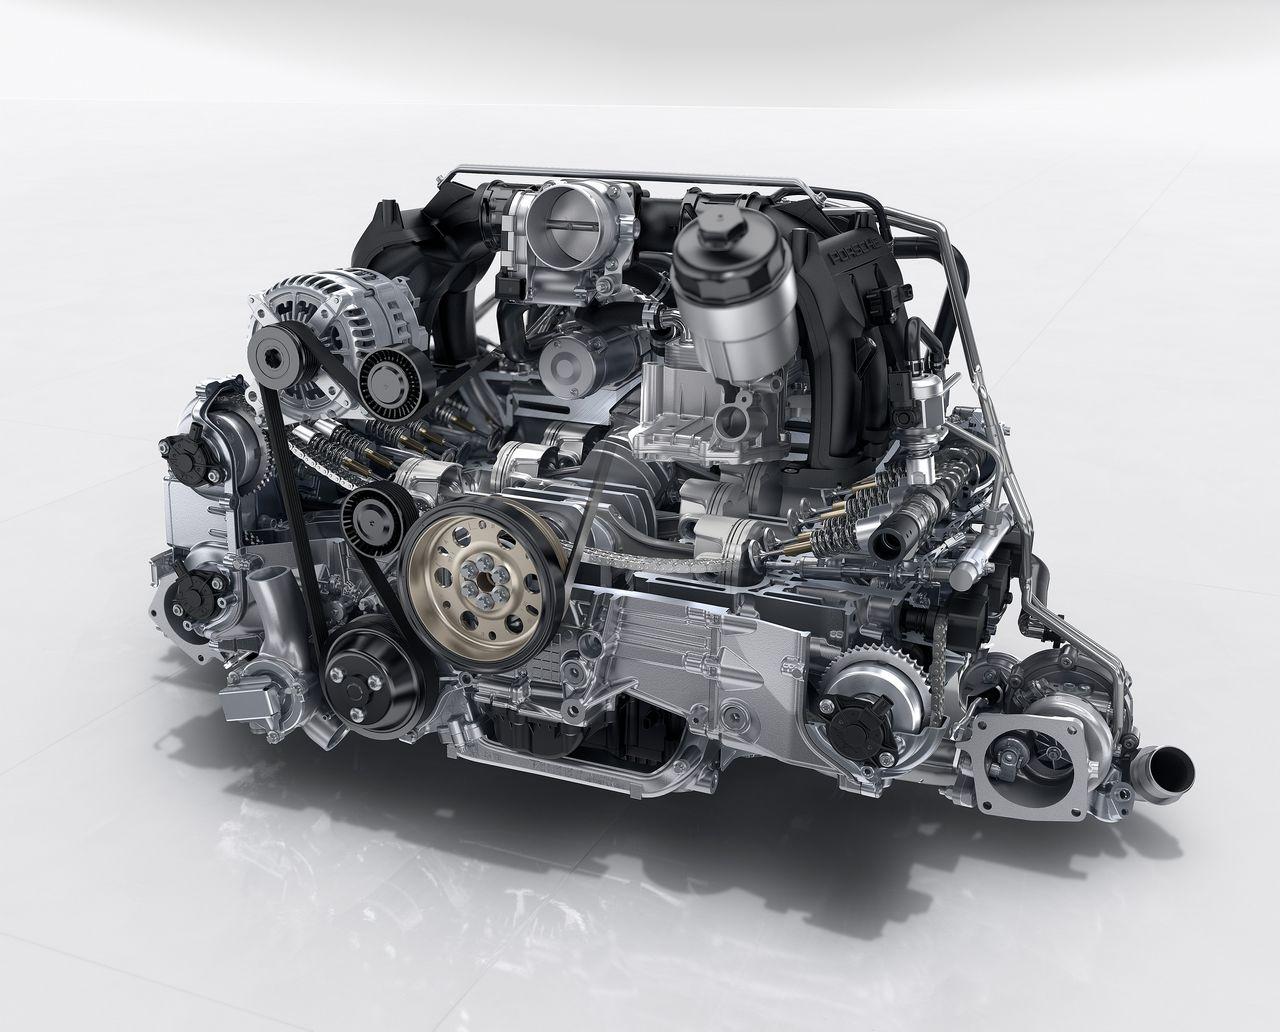 porsche-911-991-carrera-turbo-mk2_0-100_14